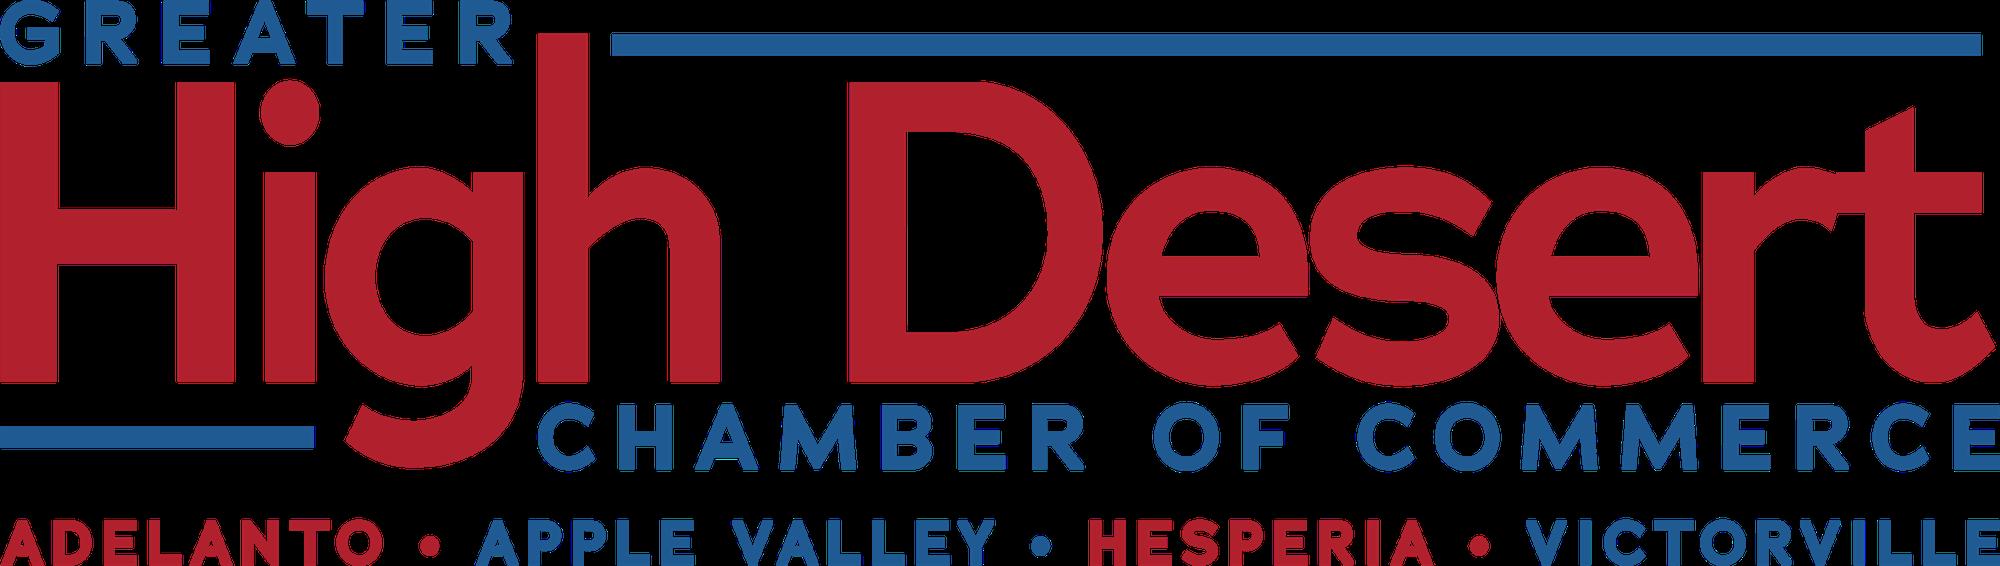 Greater High Desert Chamber of Commerce Adelanto, Apple Valley, Hesperia, Victorville logo